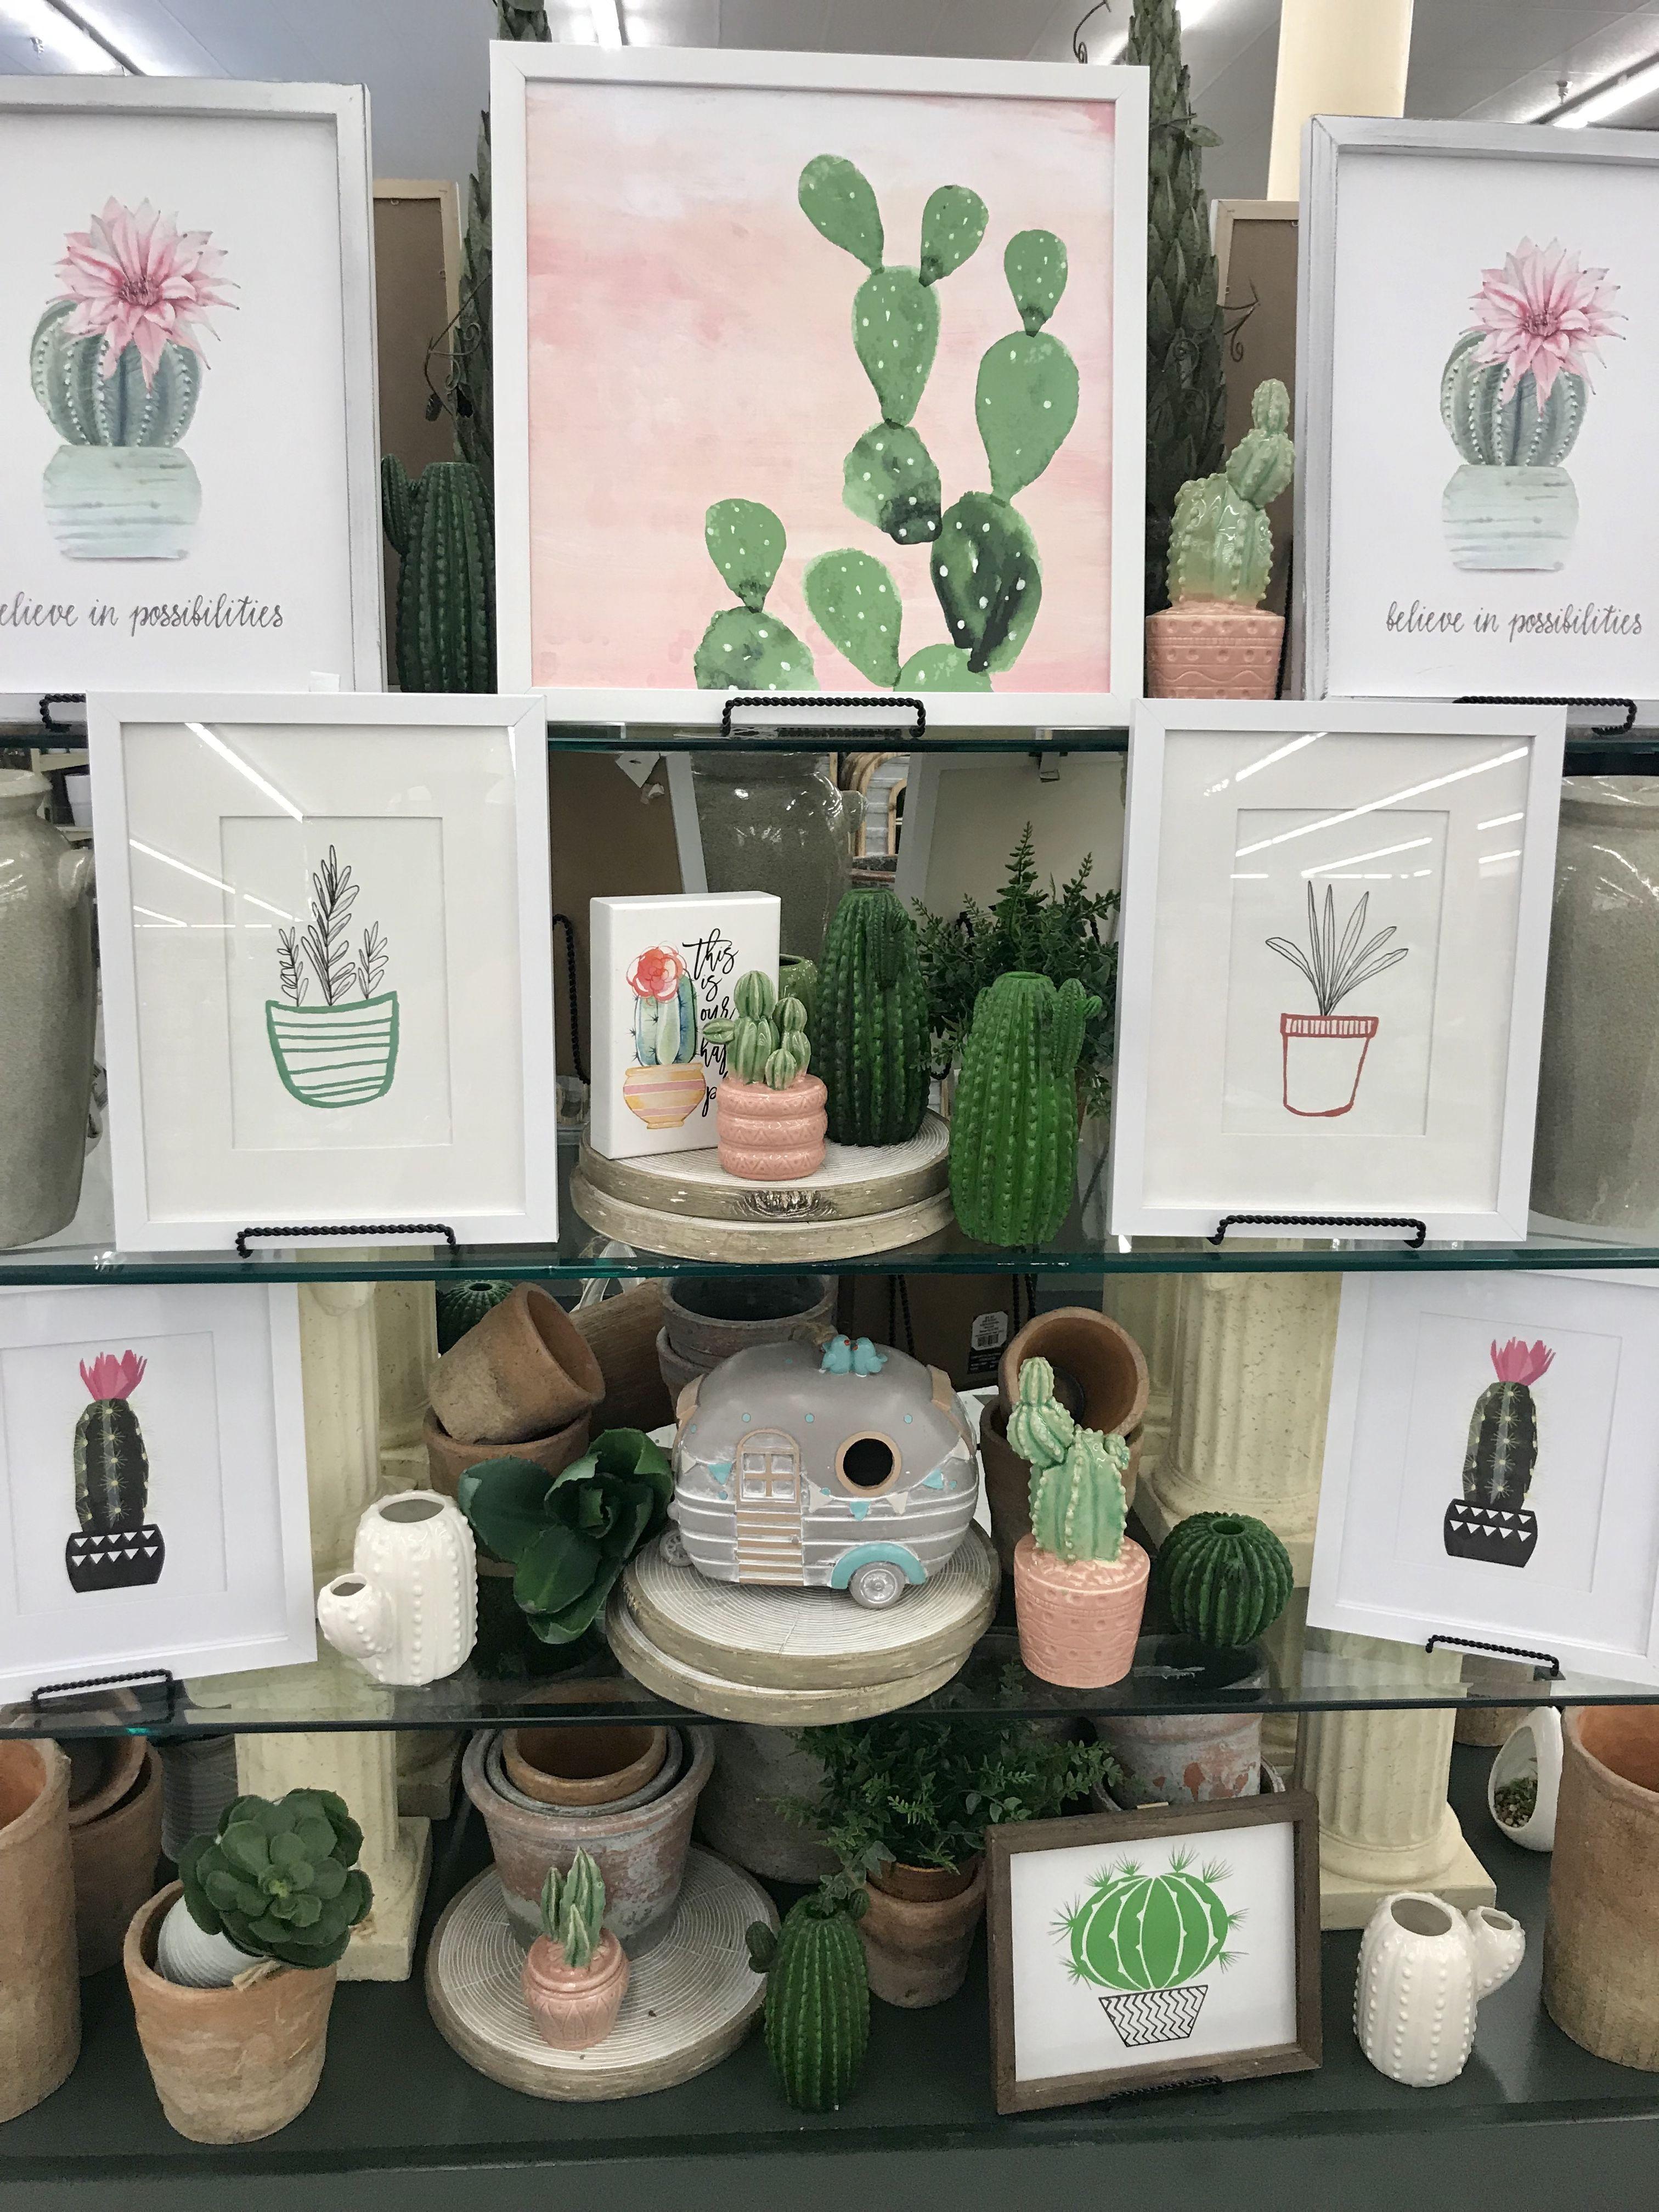 Hobby Lobby Merchandising Table Displays Work Cactus Table Two Hobby Lobby Wall Decor Cactus Decor Bathroom Themes